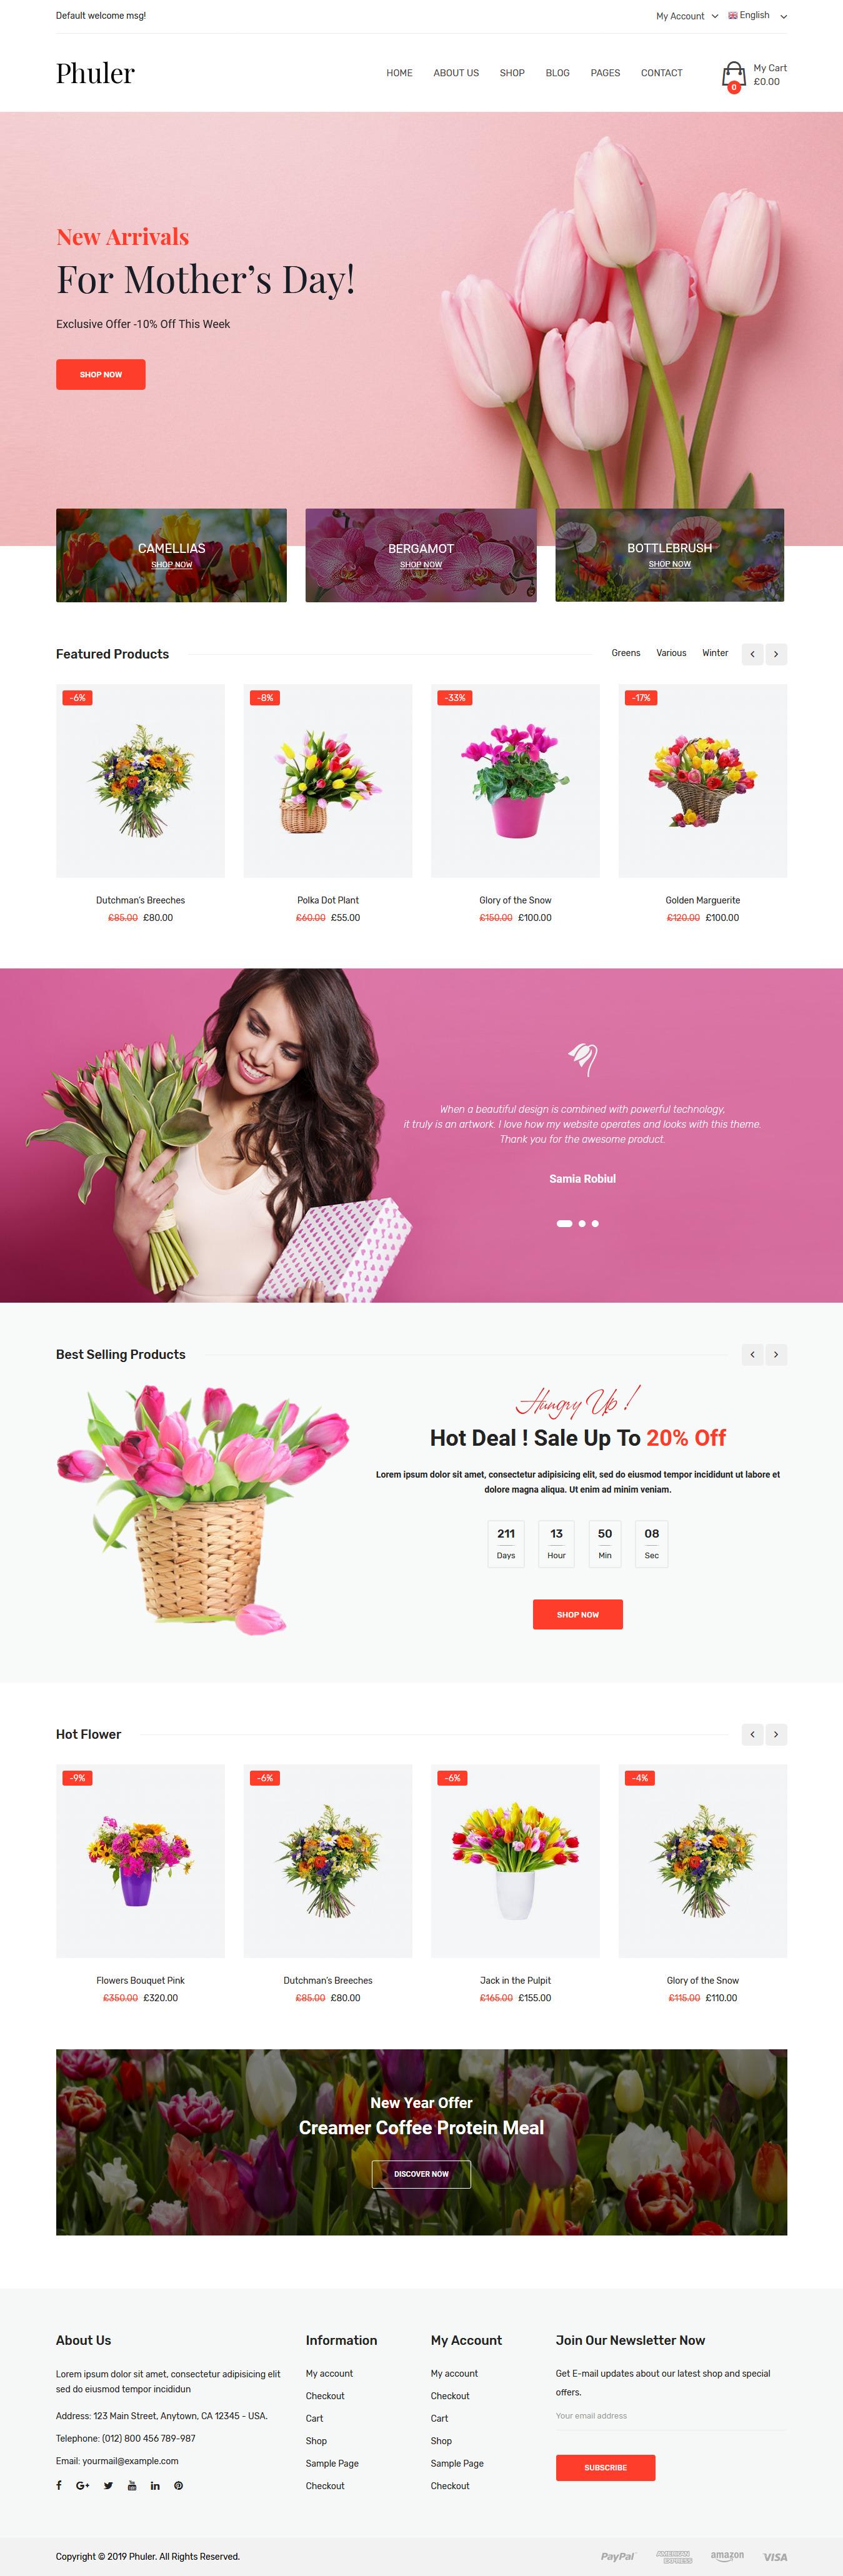 phuler best premium florist floriculture wordpress theme - 10+ Best Premium Florist and Floriculture WordPress Themes